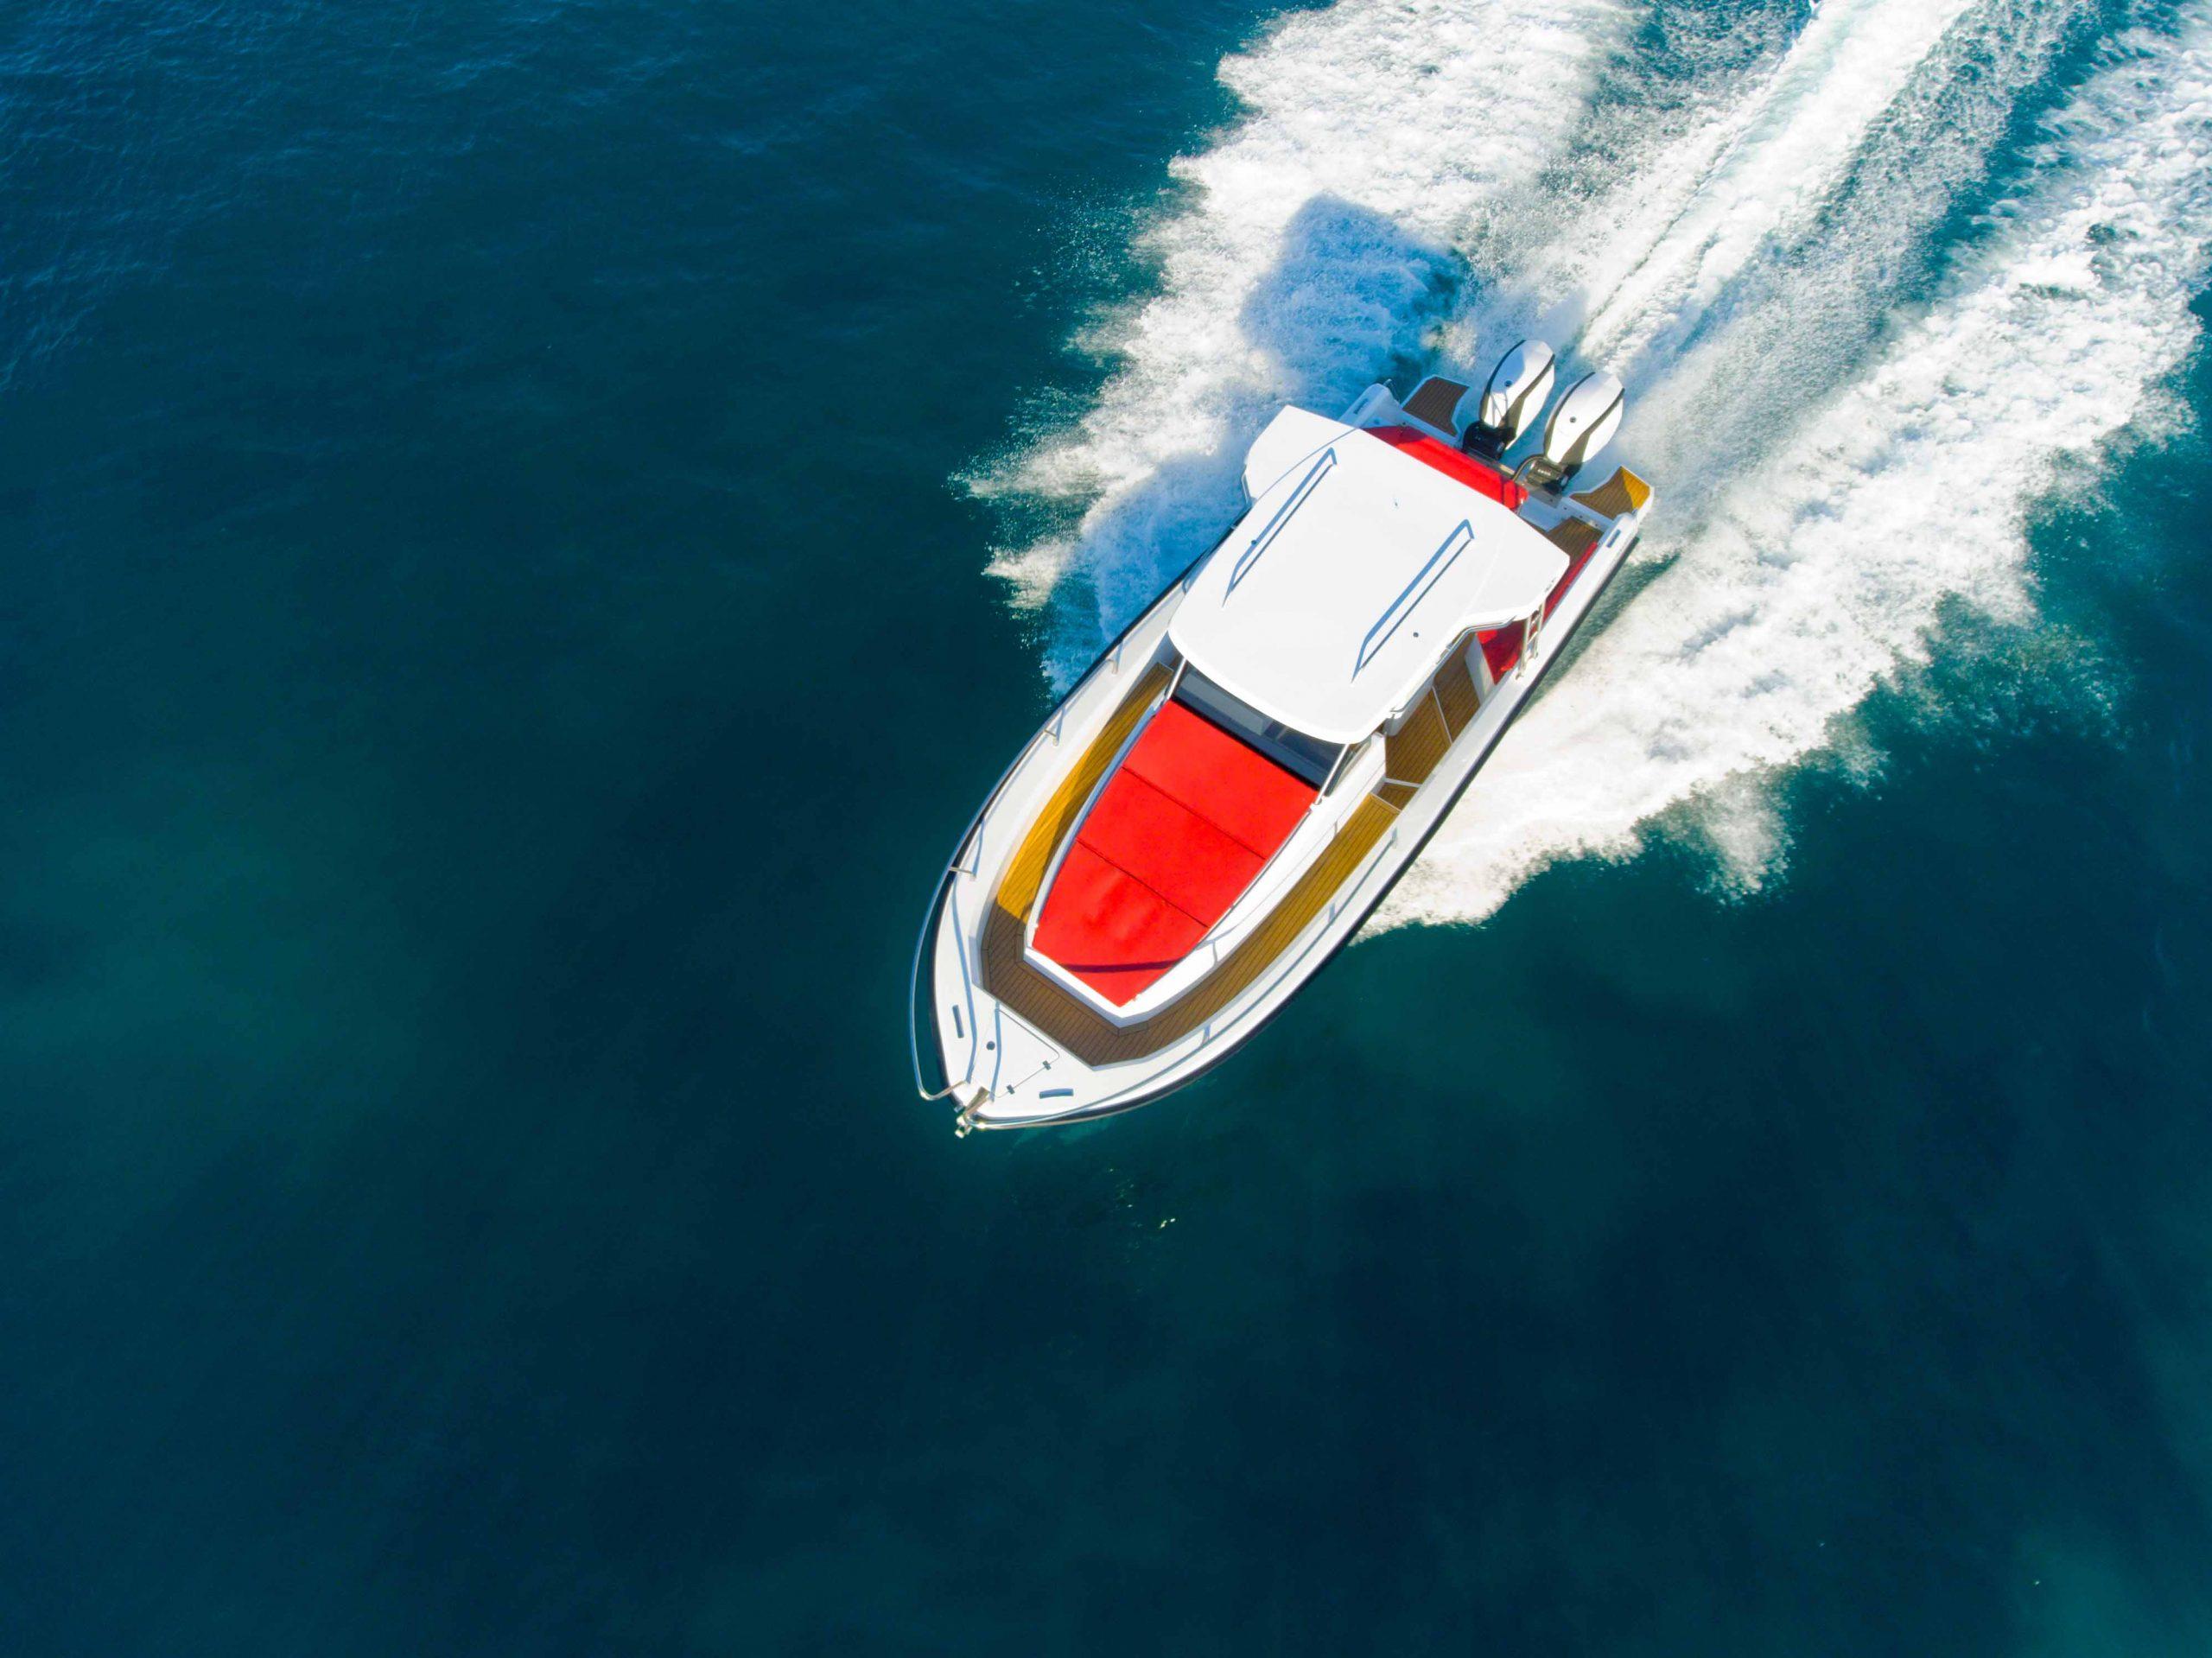 Le migliori barche da pesca 2021 - Pyxis 30 WA Fishing